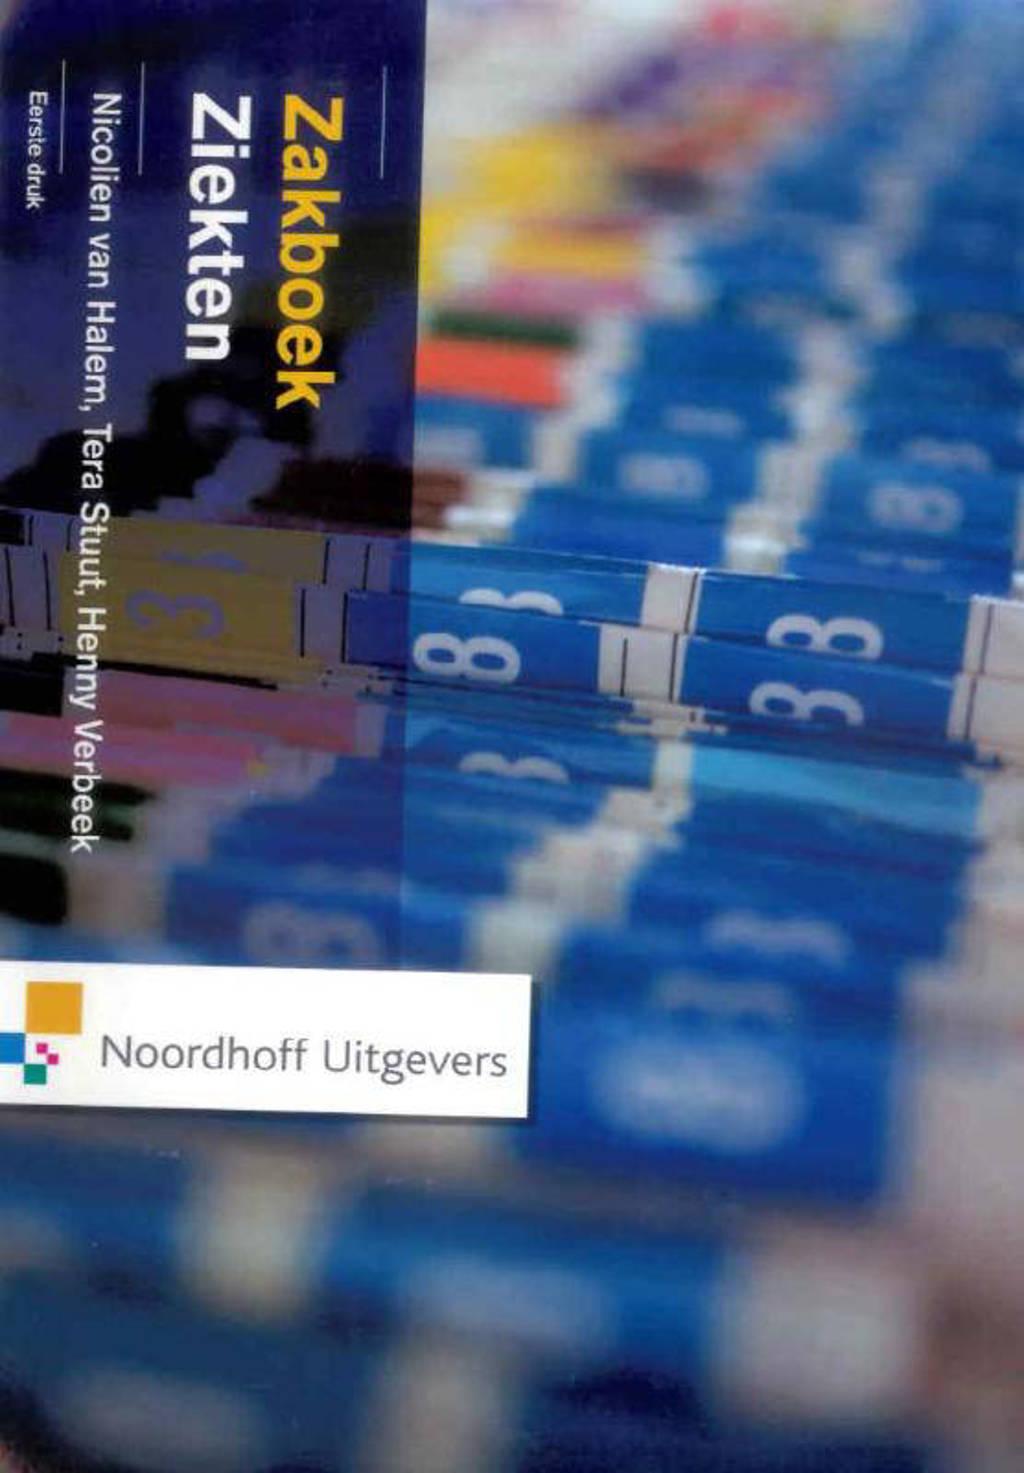 Zakboek ziekten - Nicolien van Halem, Tera Stuut en Henny Verbeek